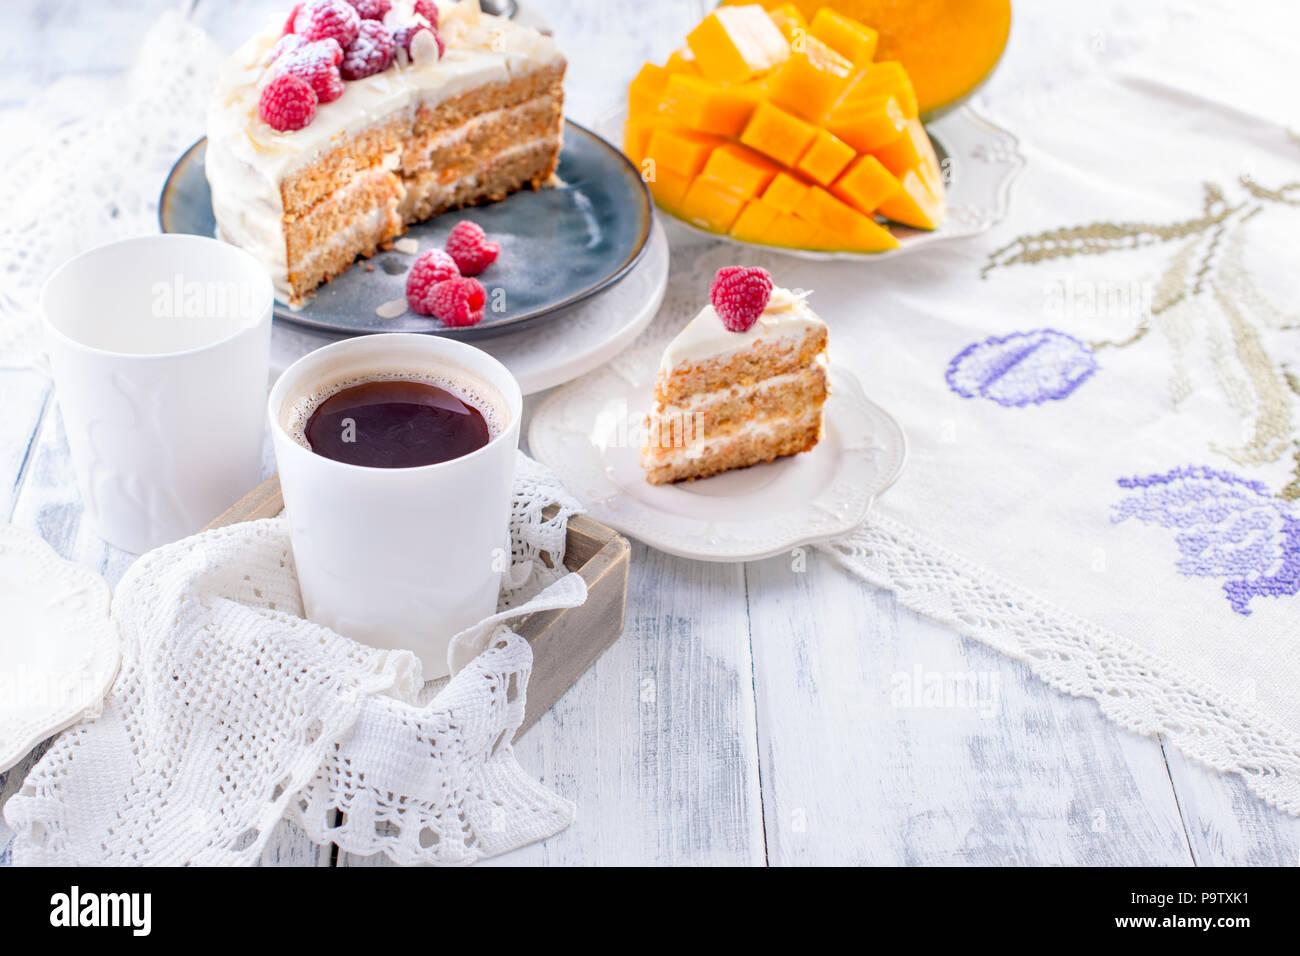 Kaffee Und Kuchen Bilder Kostenlos Bilder Einladung Kaffee Bilder